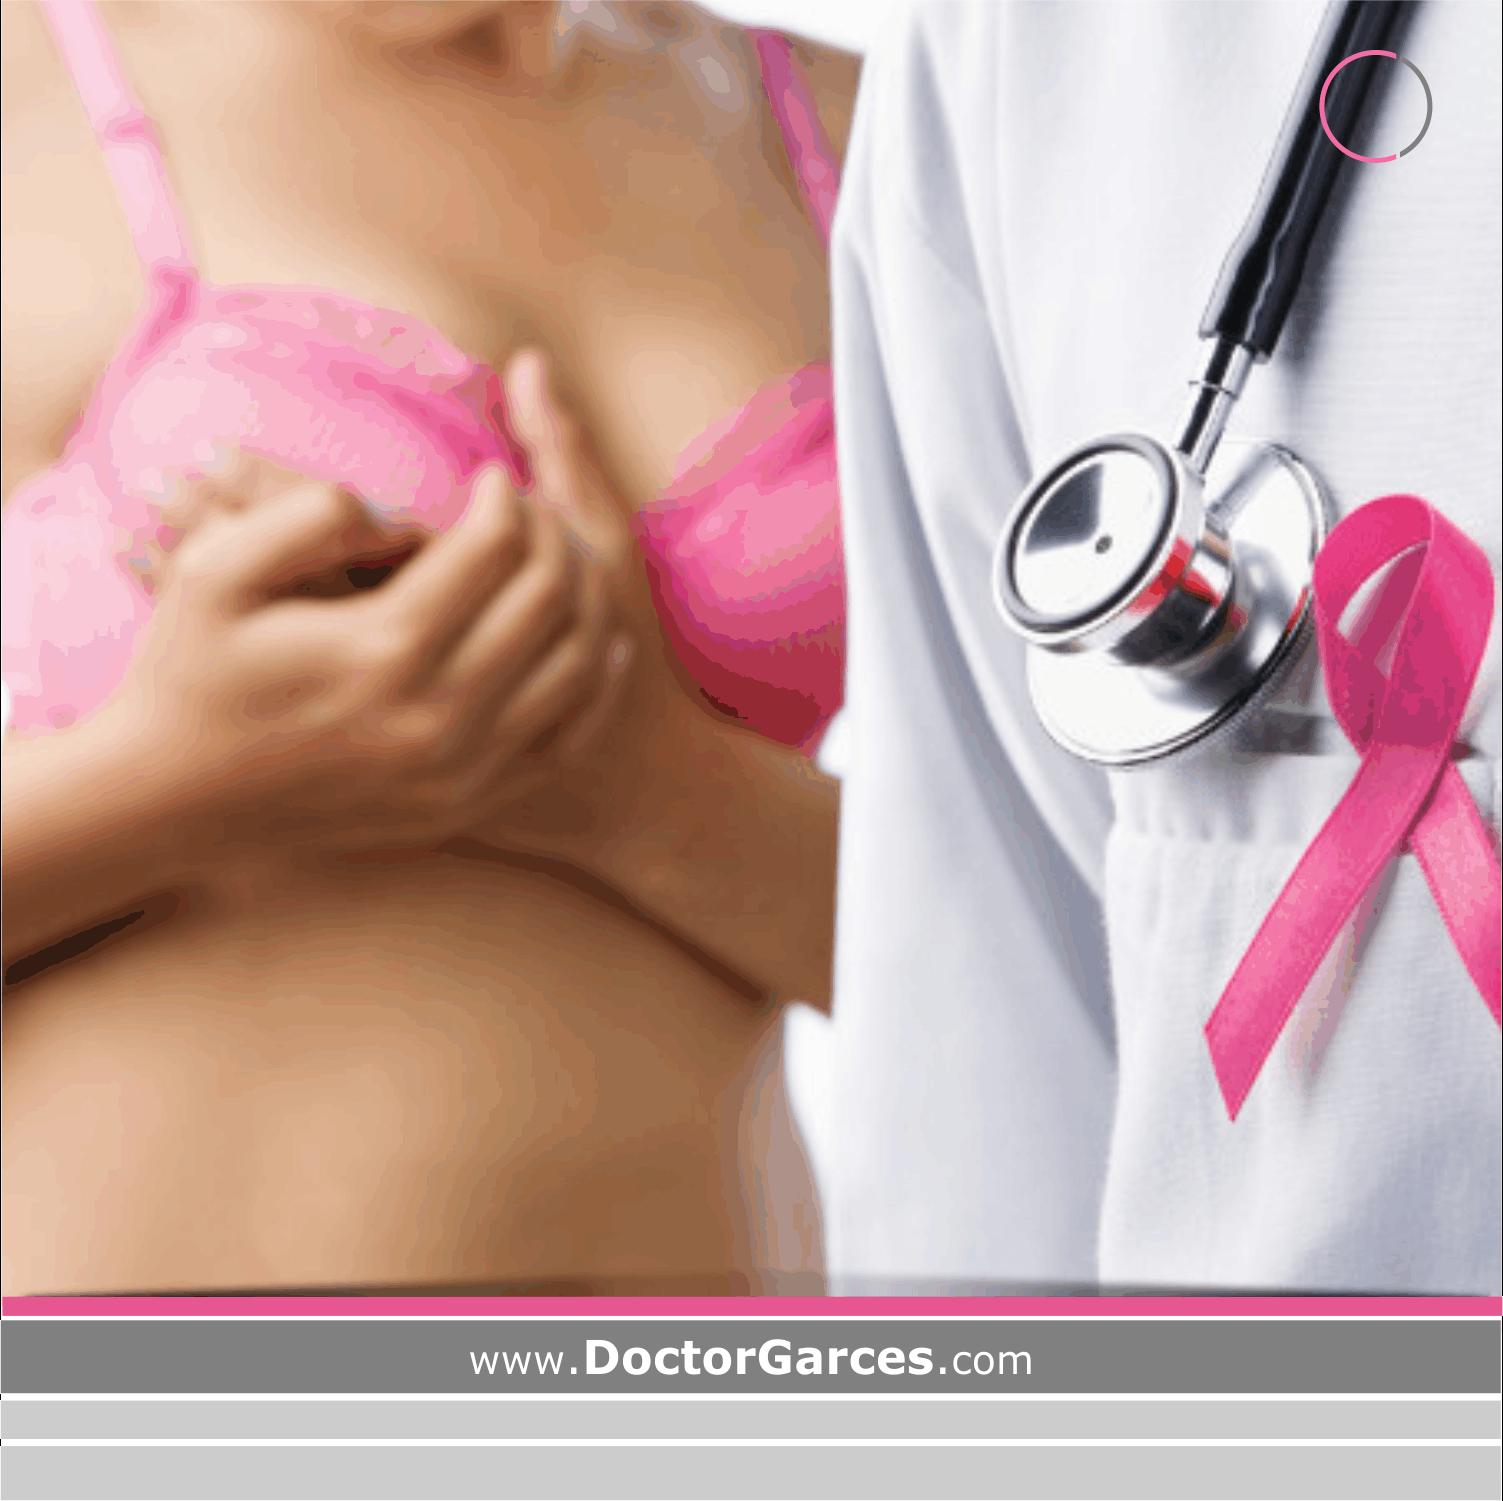 #CancerDeMama :  El dolor mamario no es un signo importante de cáncer. sin embargo amerita valoración por el mastólogo.  ► www.doctorgarces.com ► consultas@doctorgarces.com ► Citas 434-2130 anexo 148